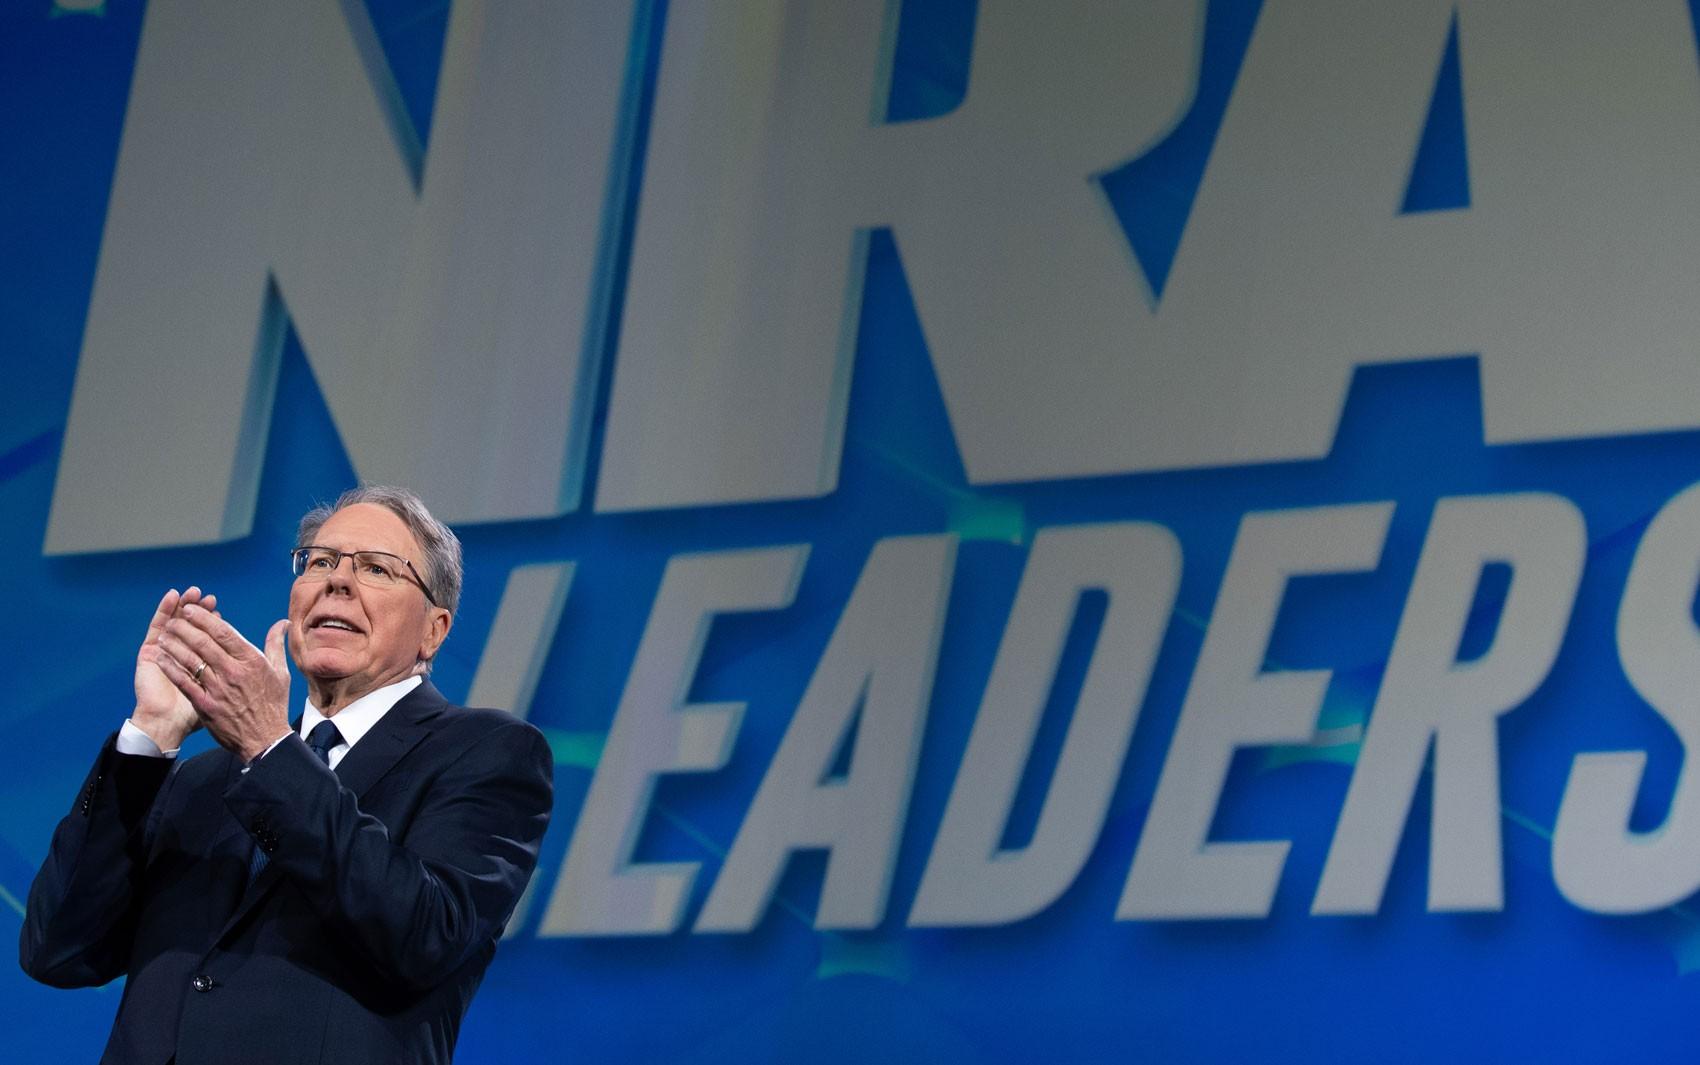 Associação que faz lobby pró-armas nos EUA pede falência